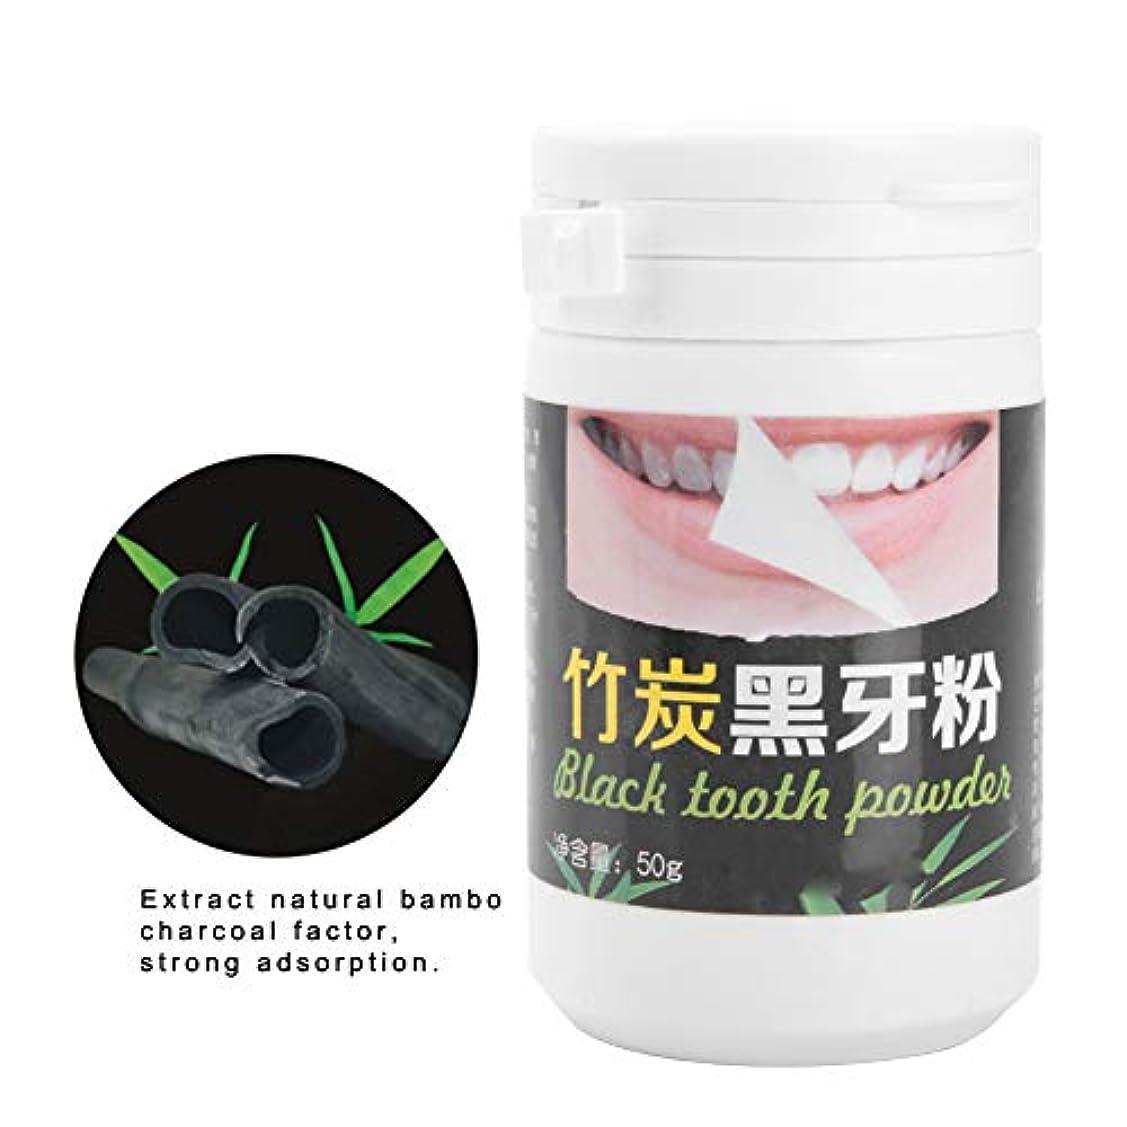 火傷受粉する要旨歯の手入れをする有効な汚れの除去剤 - 汚れの除去剤の粉を白くする口腔歯の心配の自然な活動化させた木炭粉